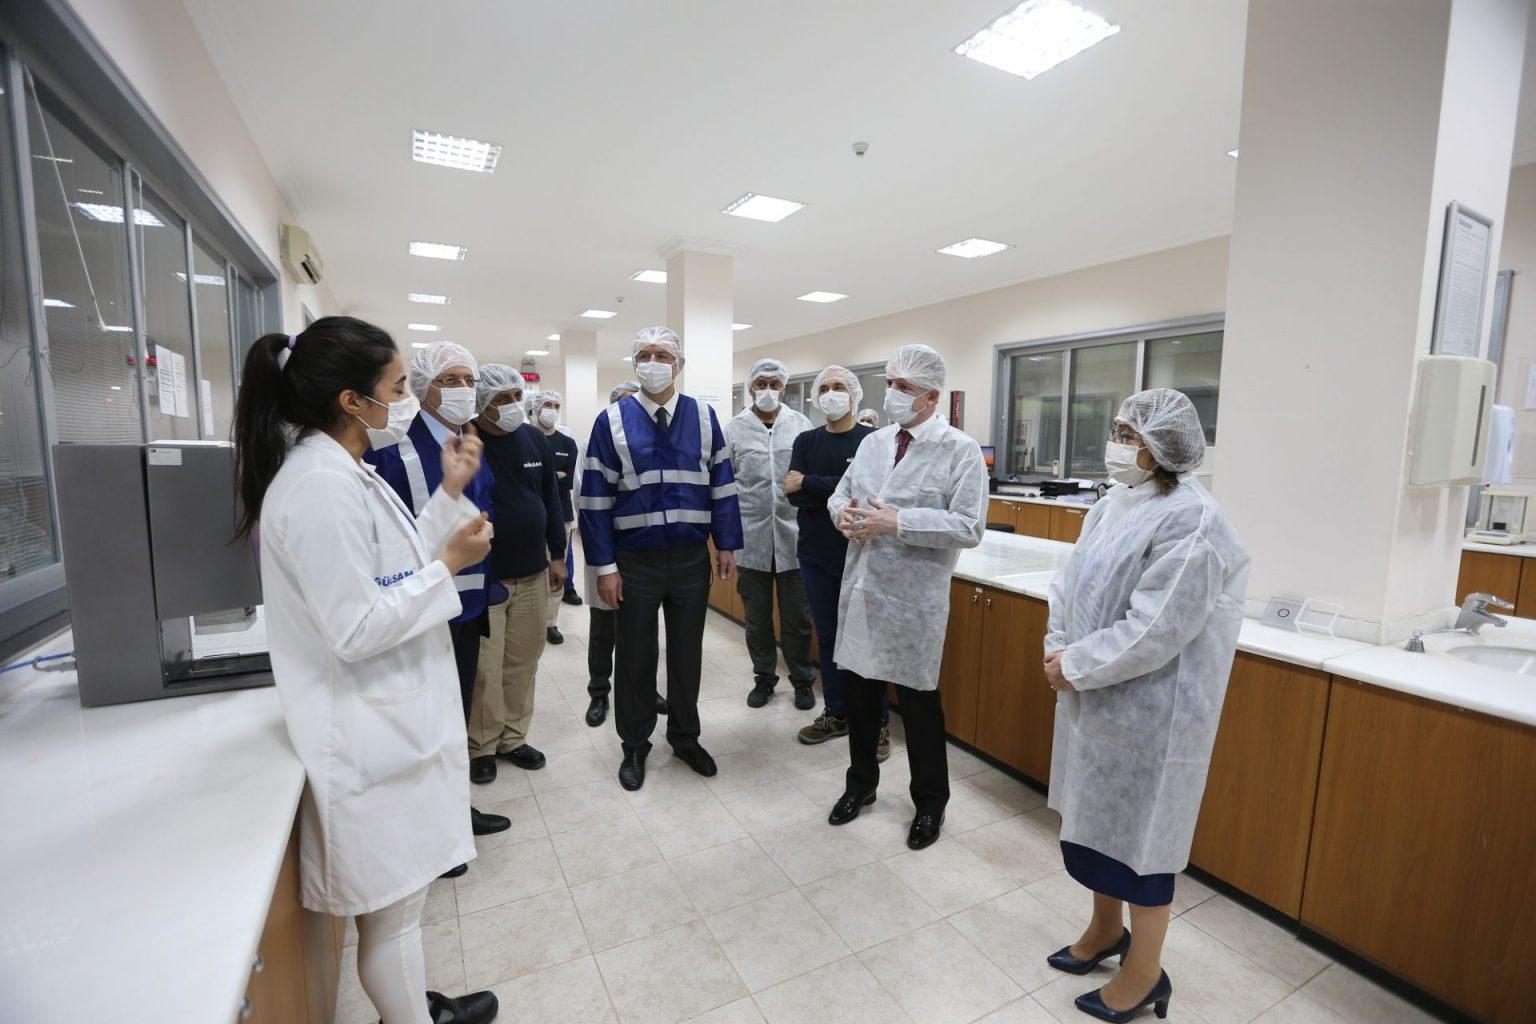 Büyükşehir'den sanayi çalışanlarına yönelik pandemi önlemleri! ozelkalem.com.tr